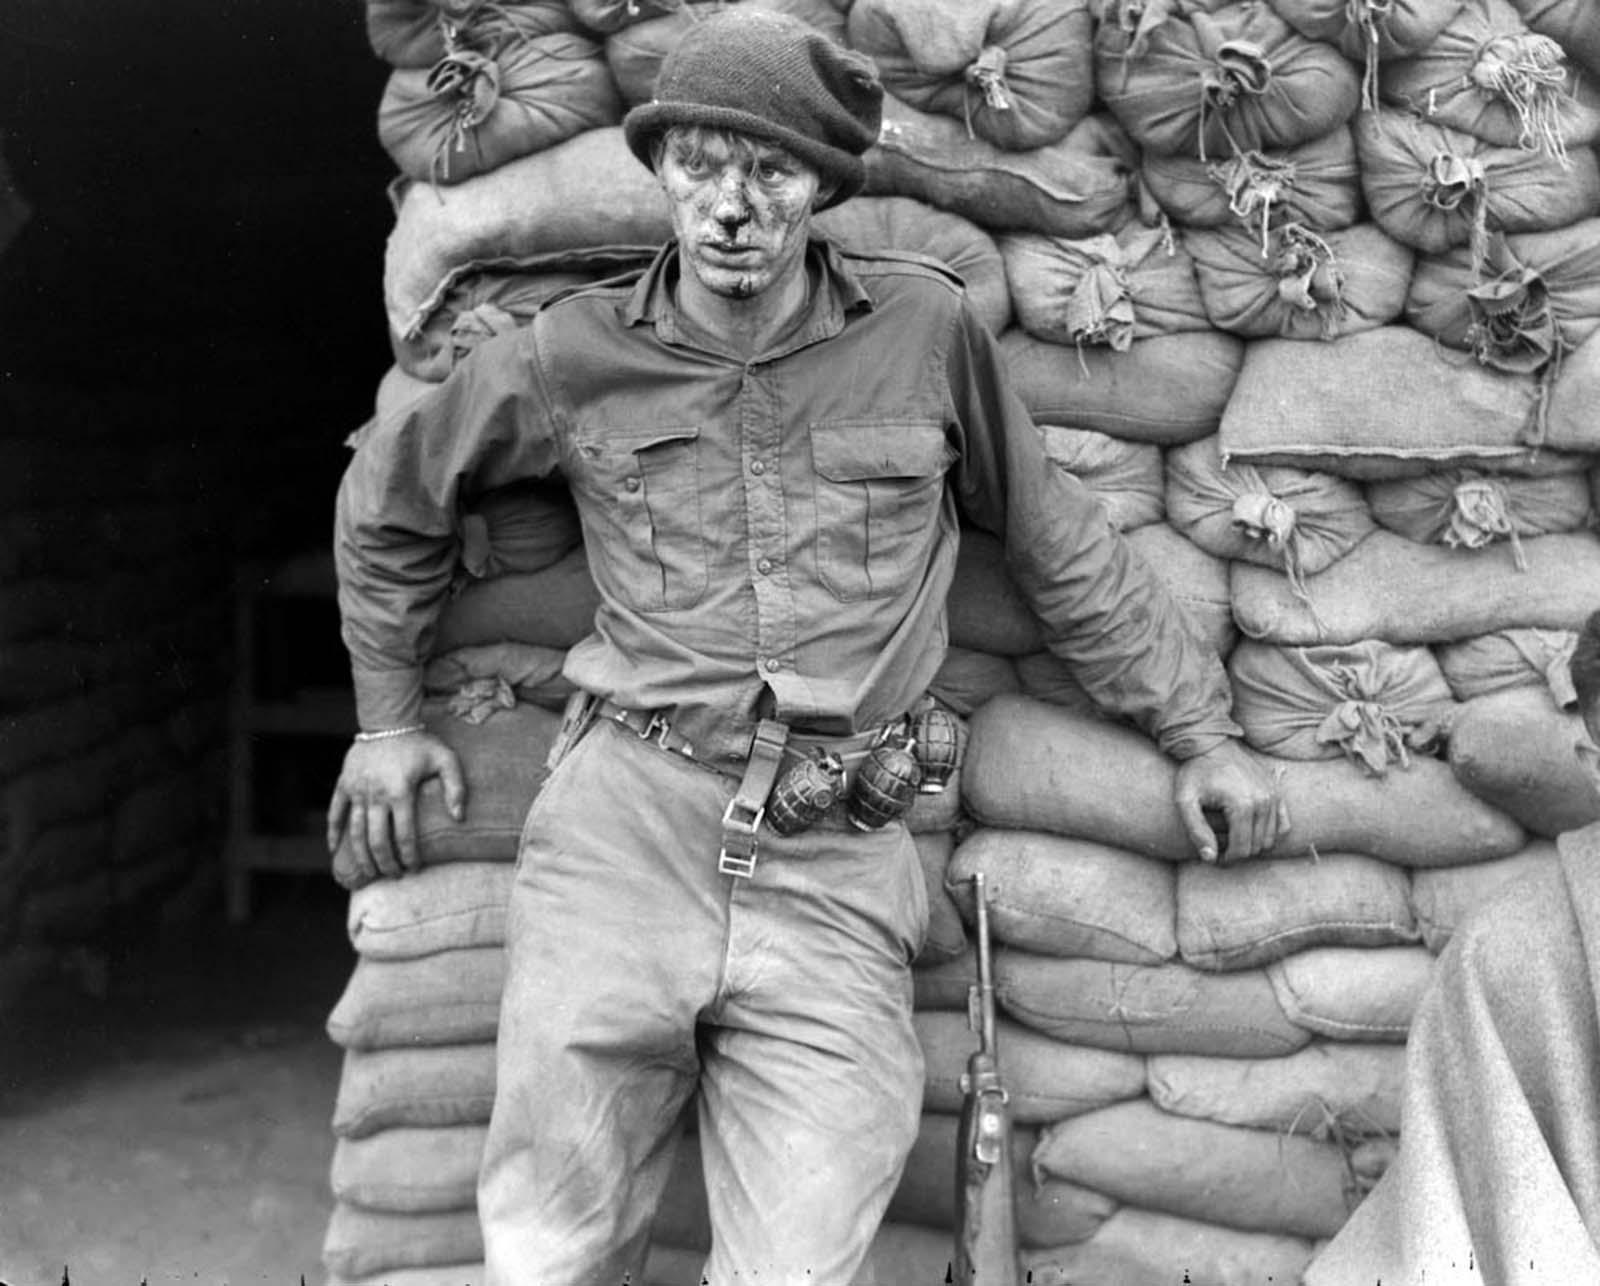 Privé Heath Matthews d'attente pour les soins médicaux à la suite d'un raid sur des positions ennemies pendant la Guerre de corée, 1952